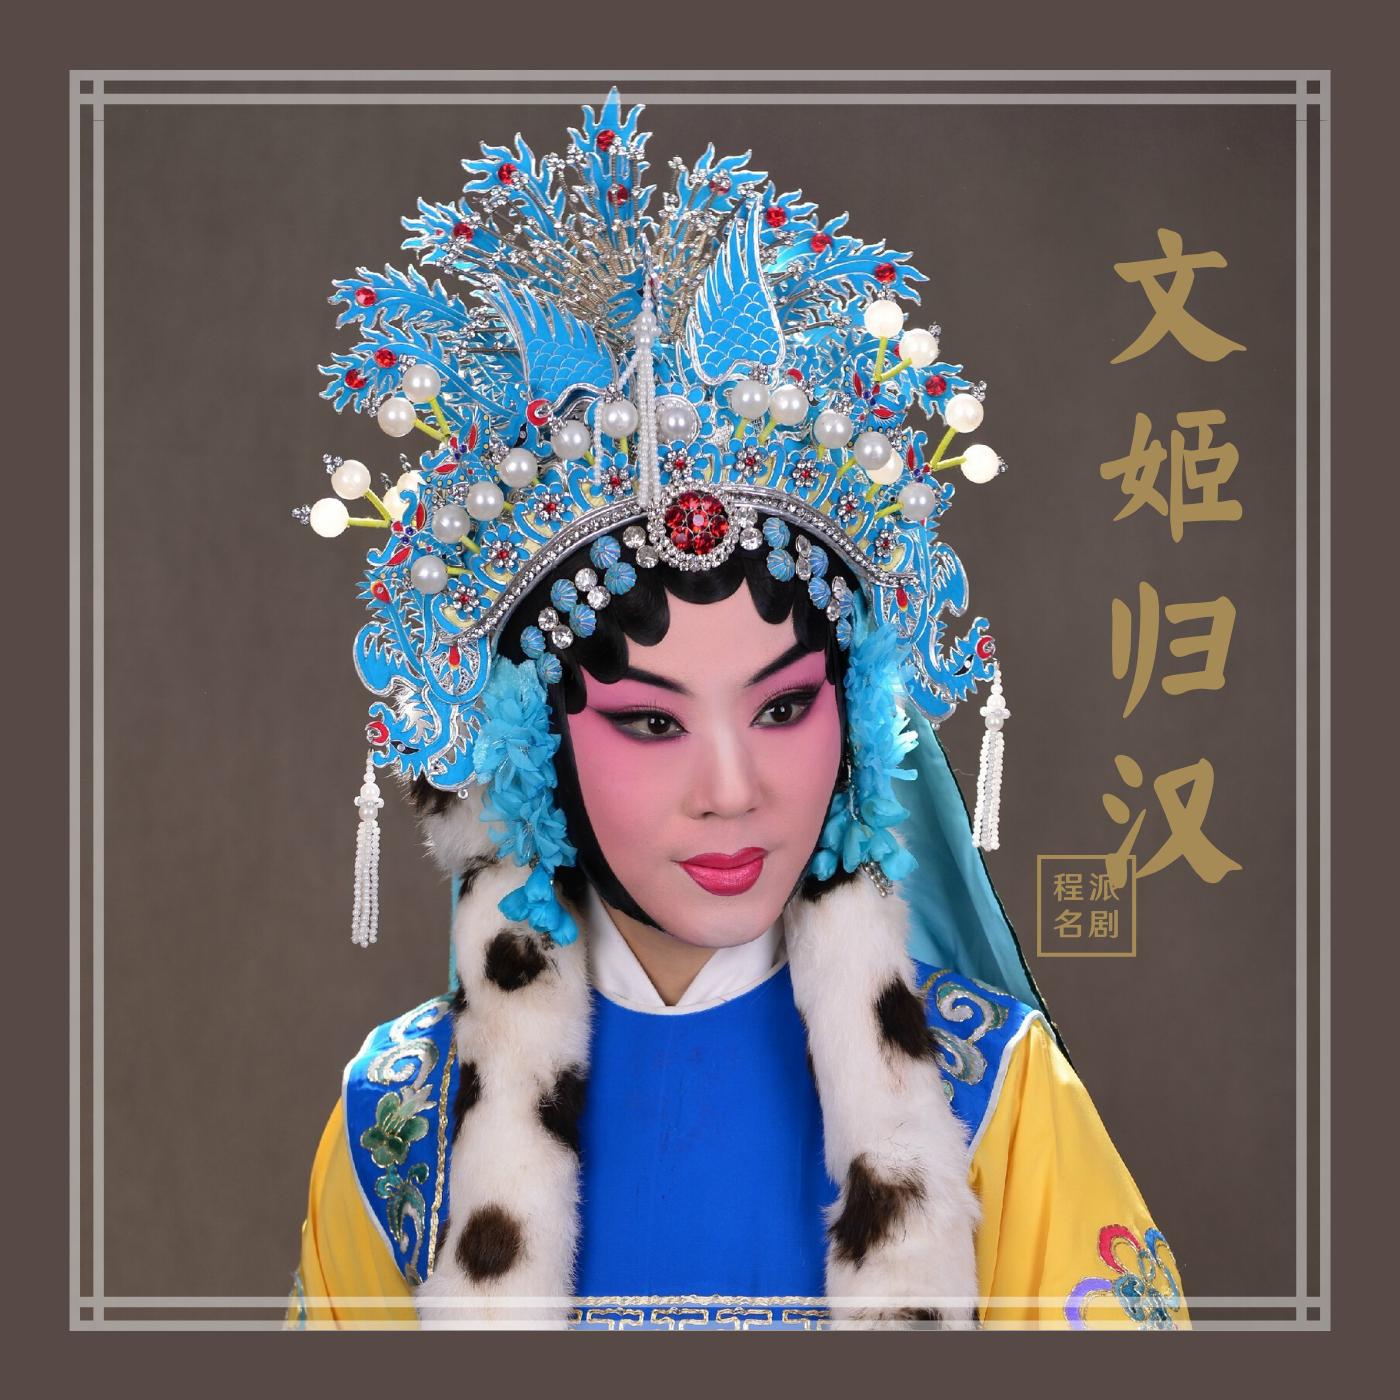 迟小秋《文姬归汉》艺术专辑 京剧程派